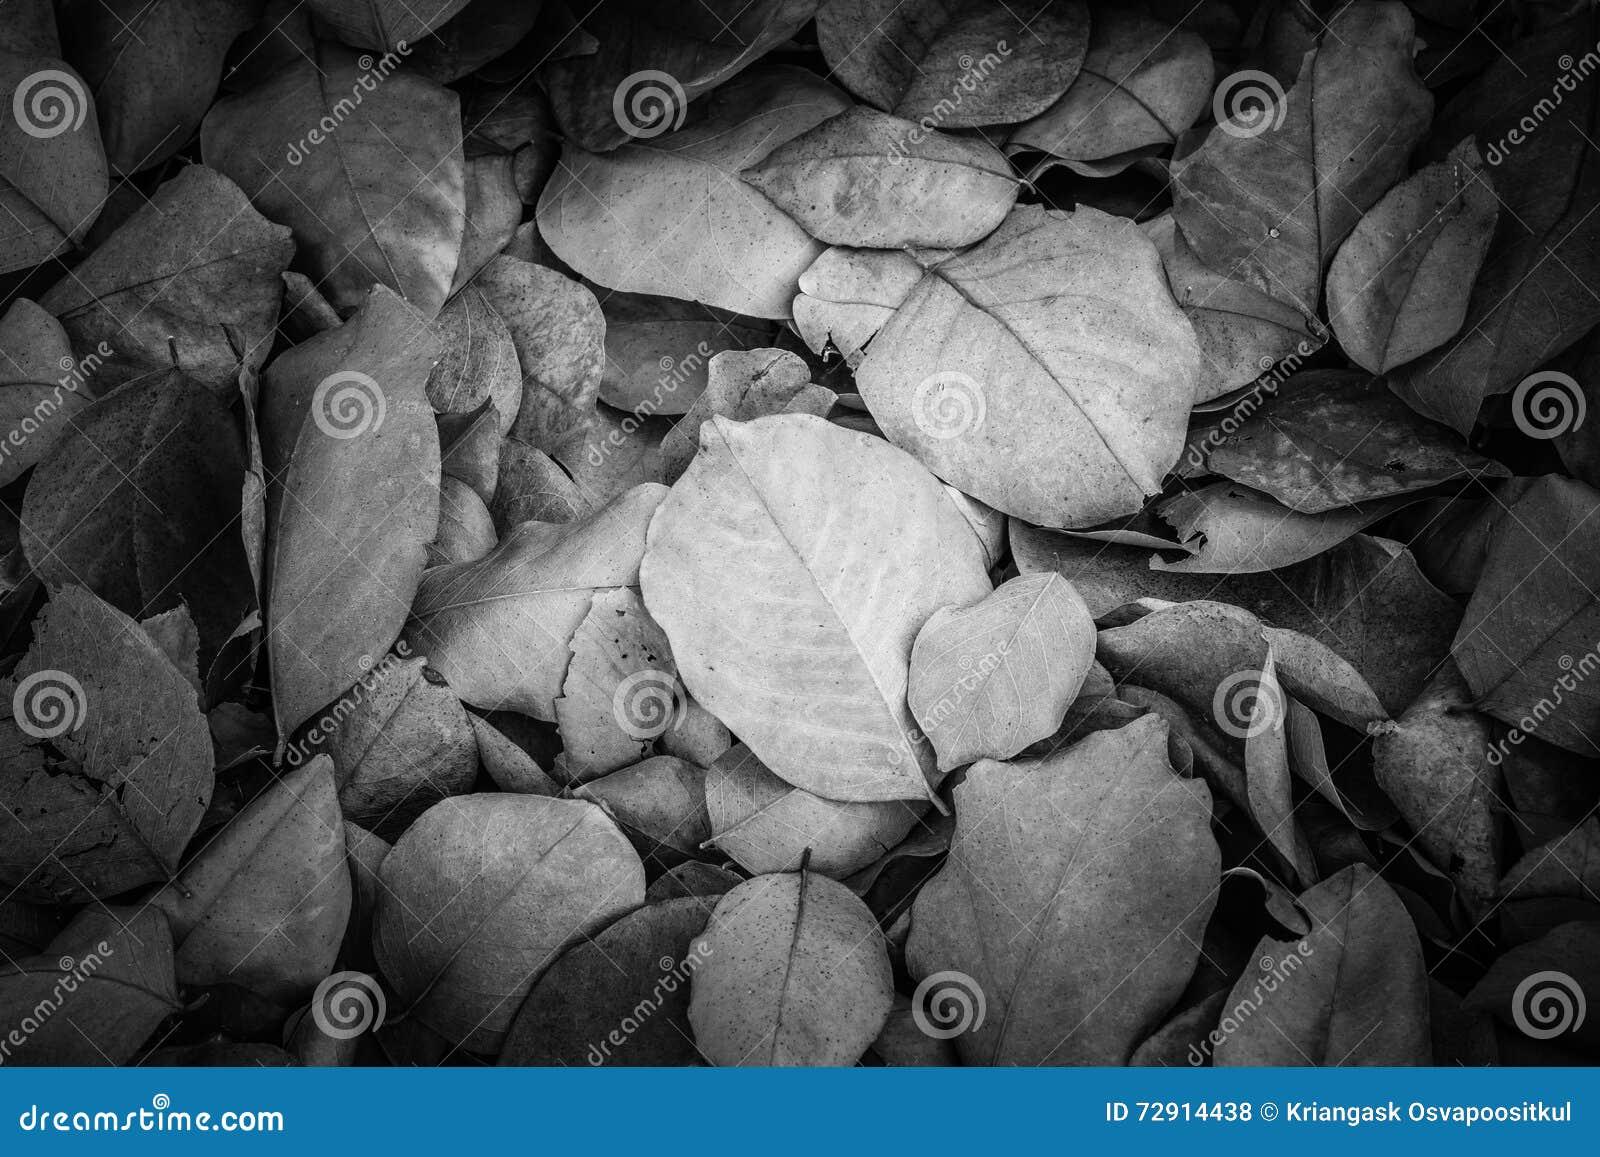 Folhas inoperantes para fundos e texturas, tom preto e branco